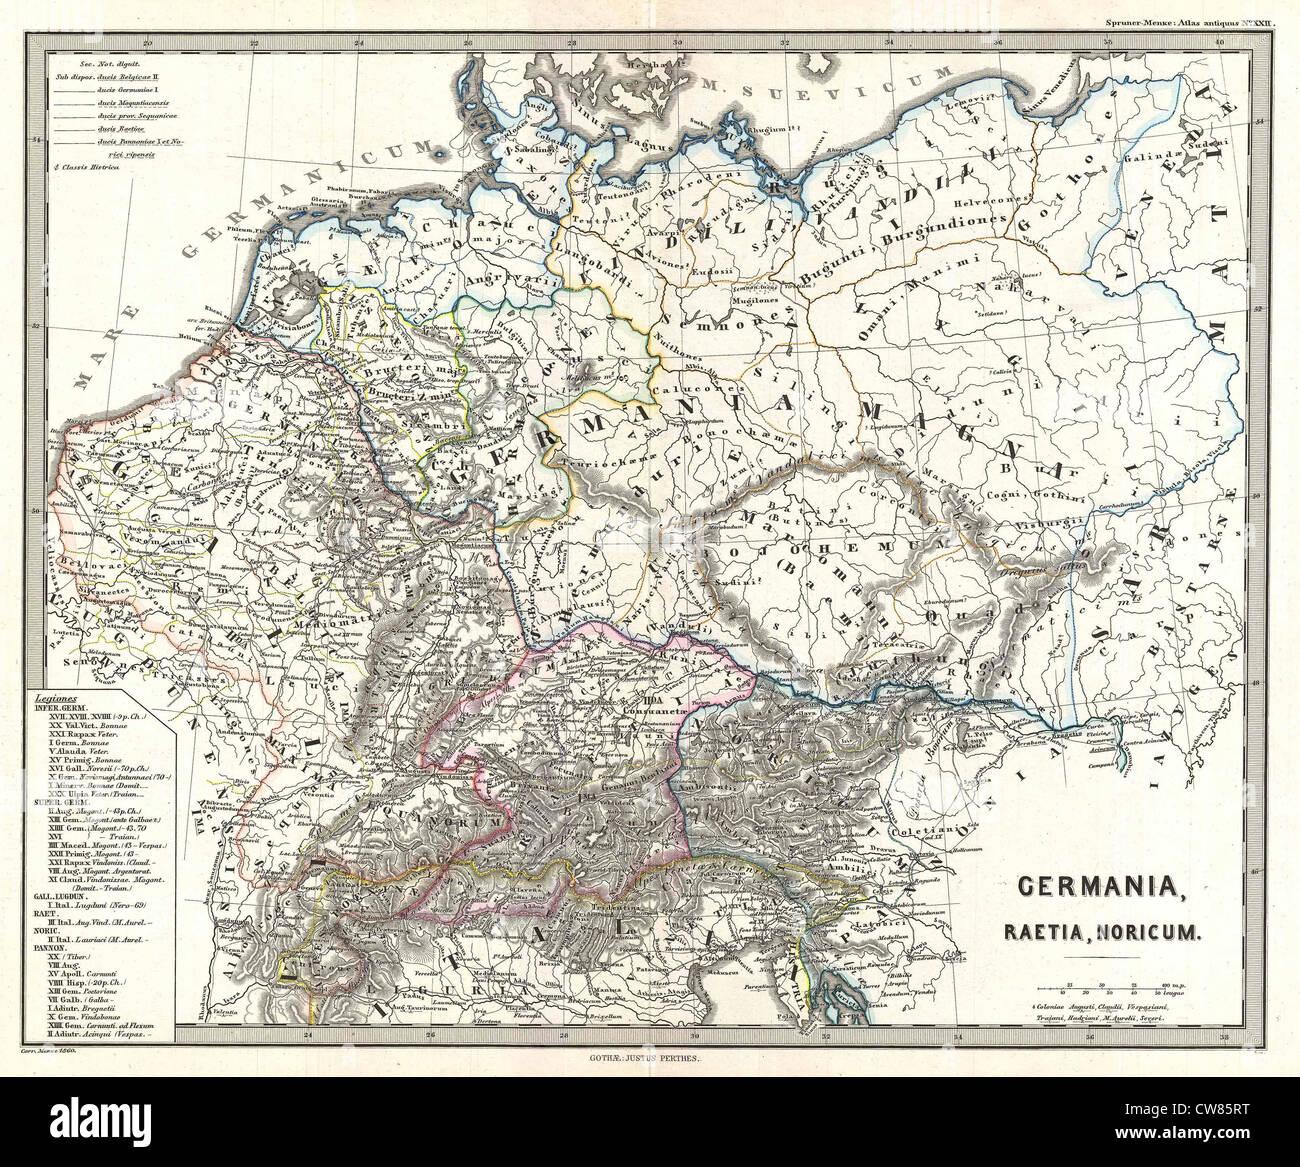 Spruner 1865 Carte de l'Allemagne dans l'Antiquité Photo Stock